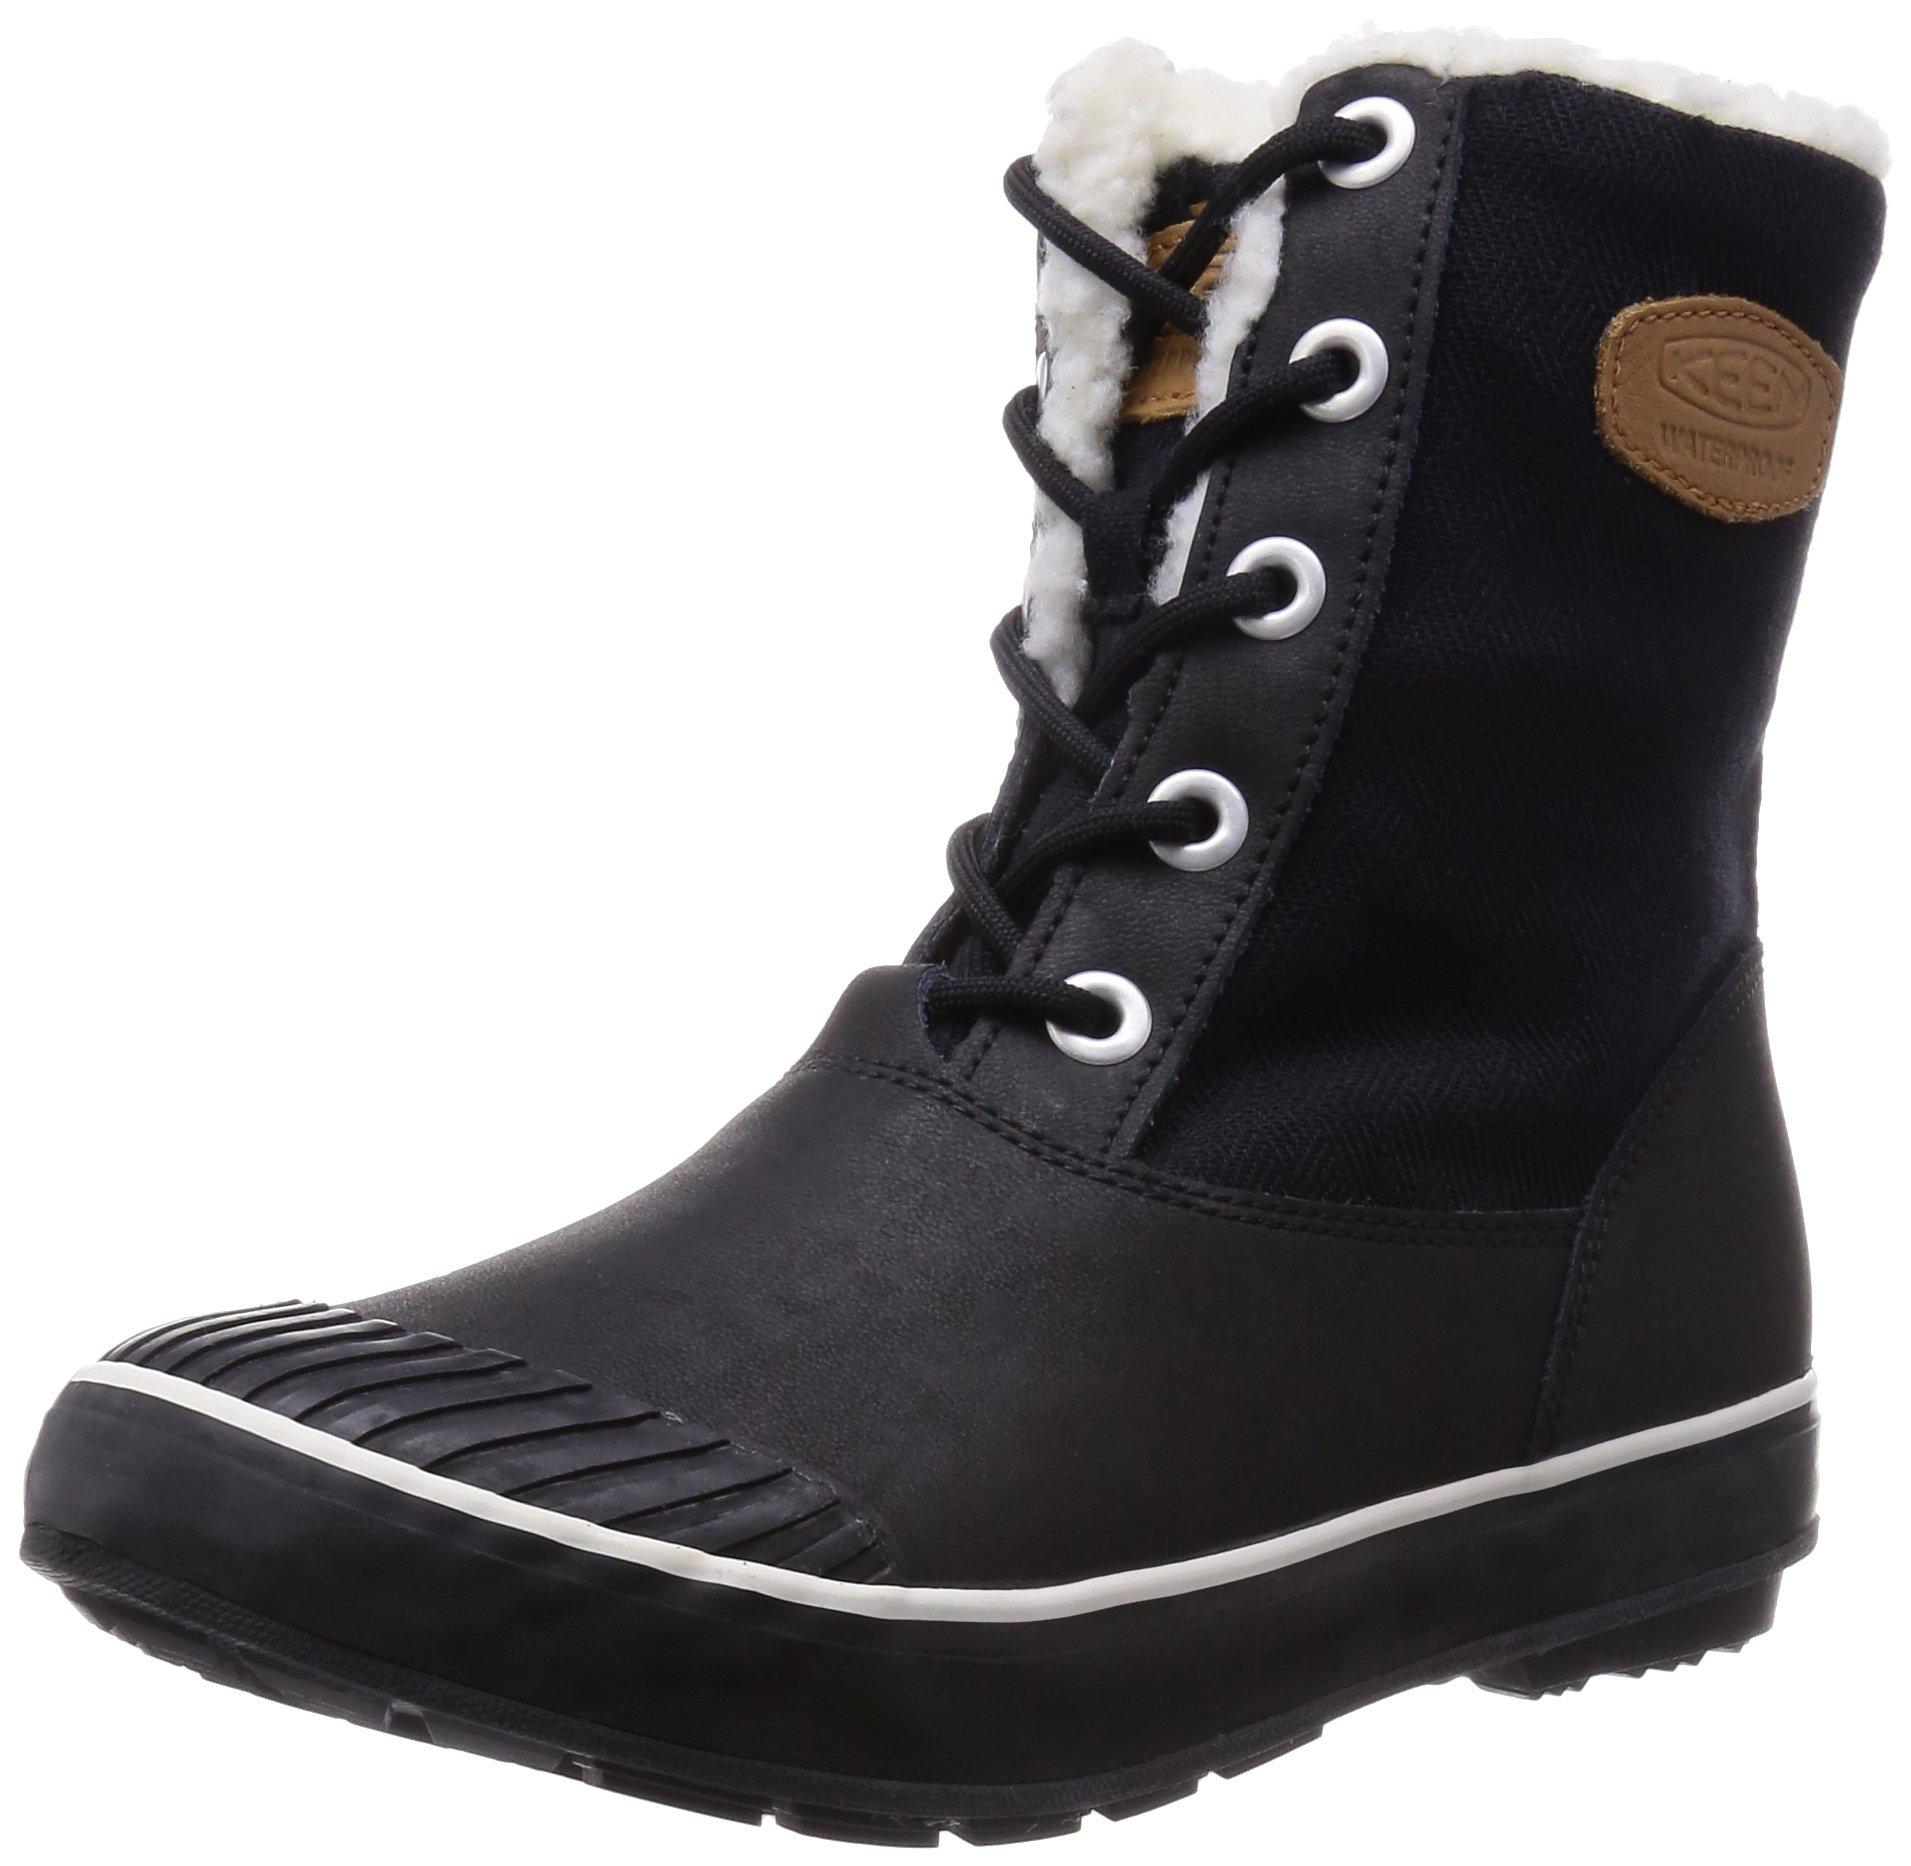 KEEN Women's Elsa Boot Waterproof Winter Boot, Black, 8.5 M US